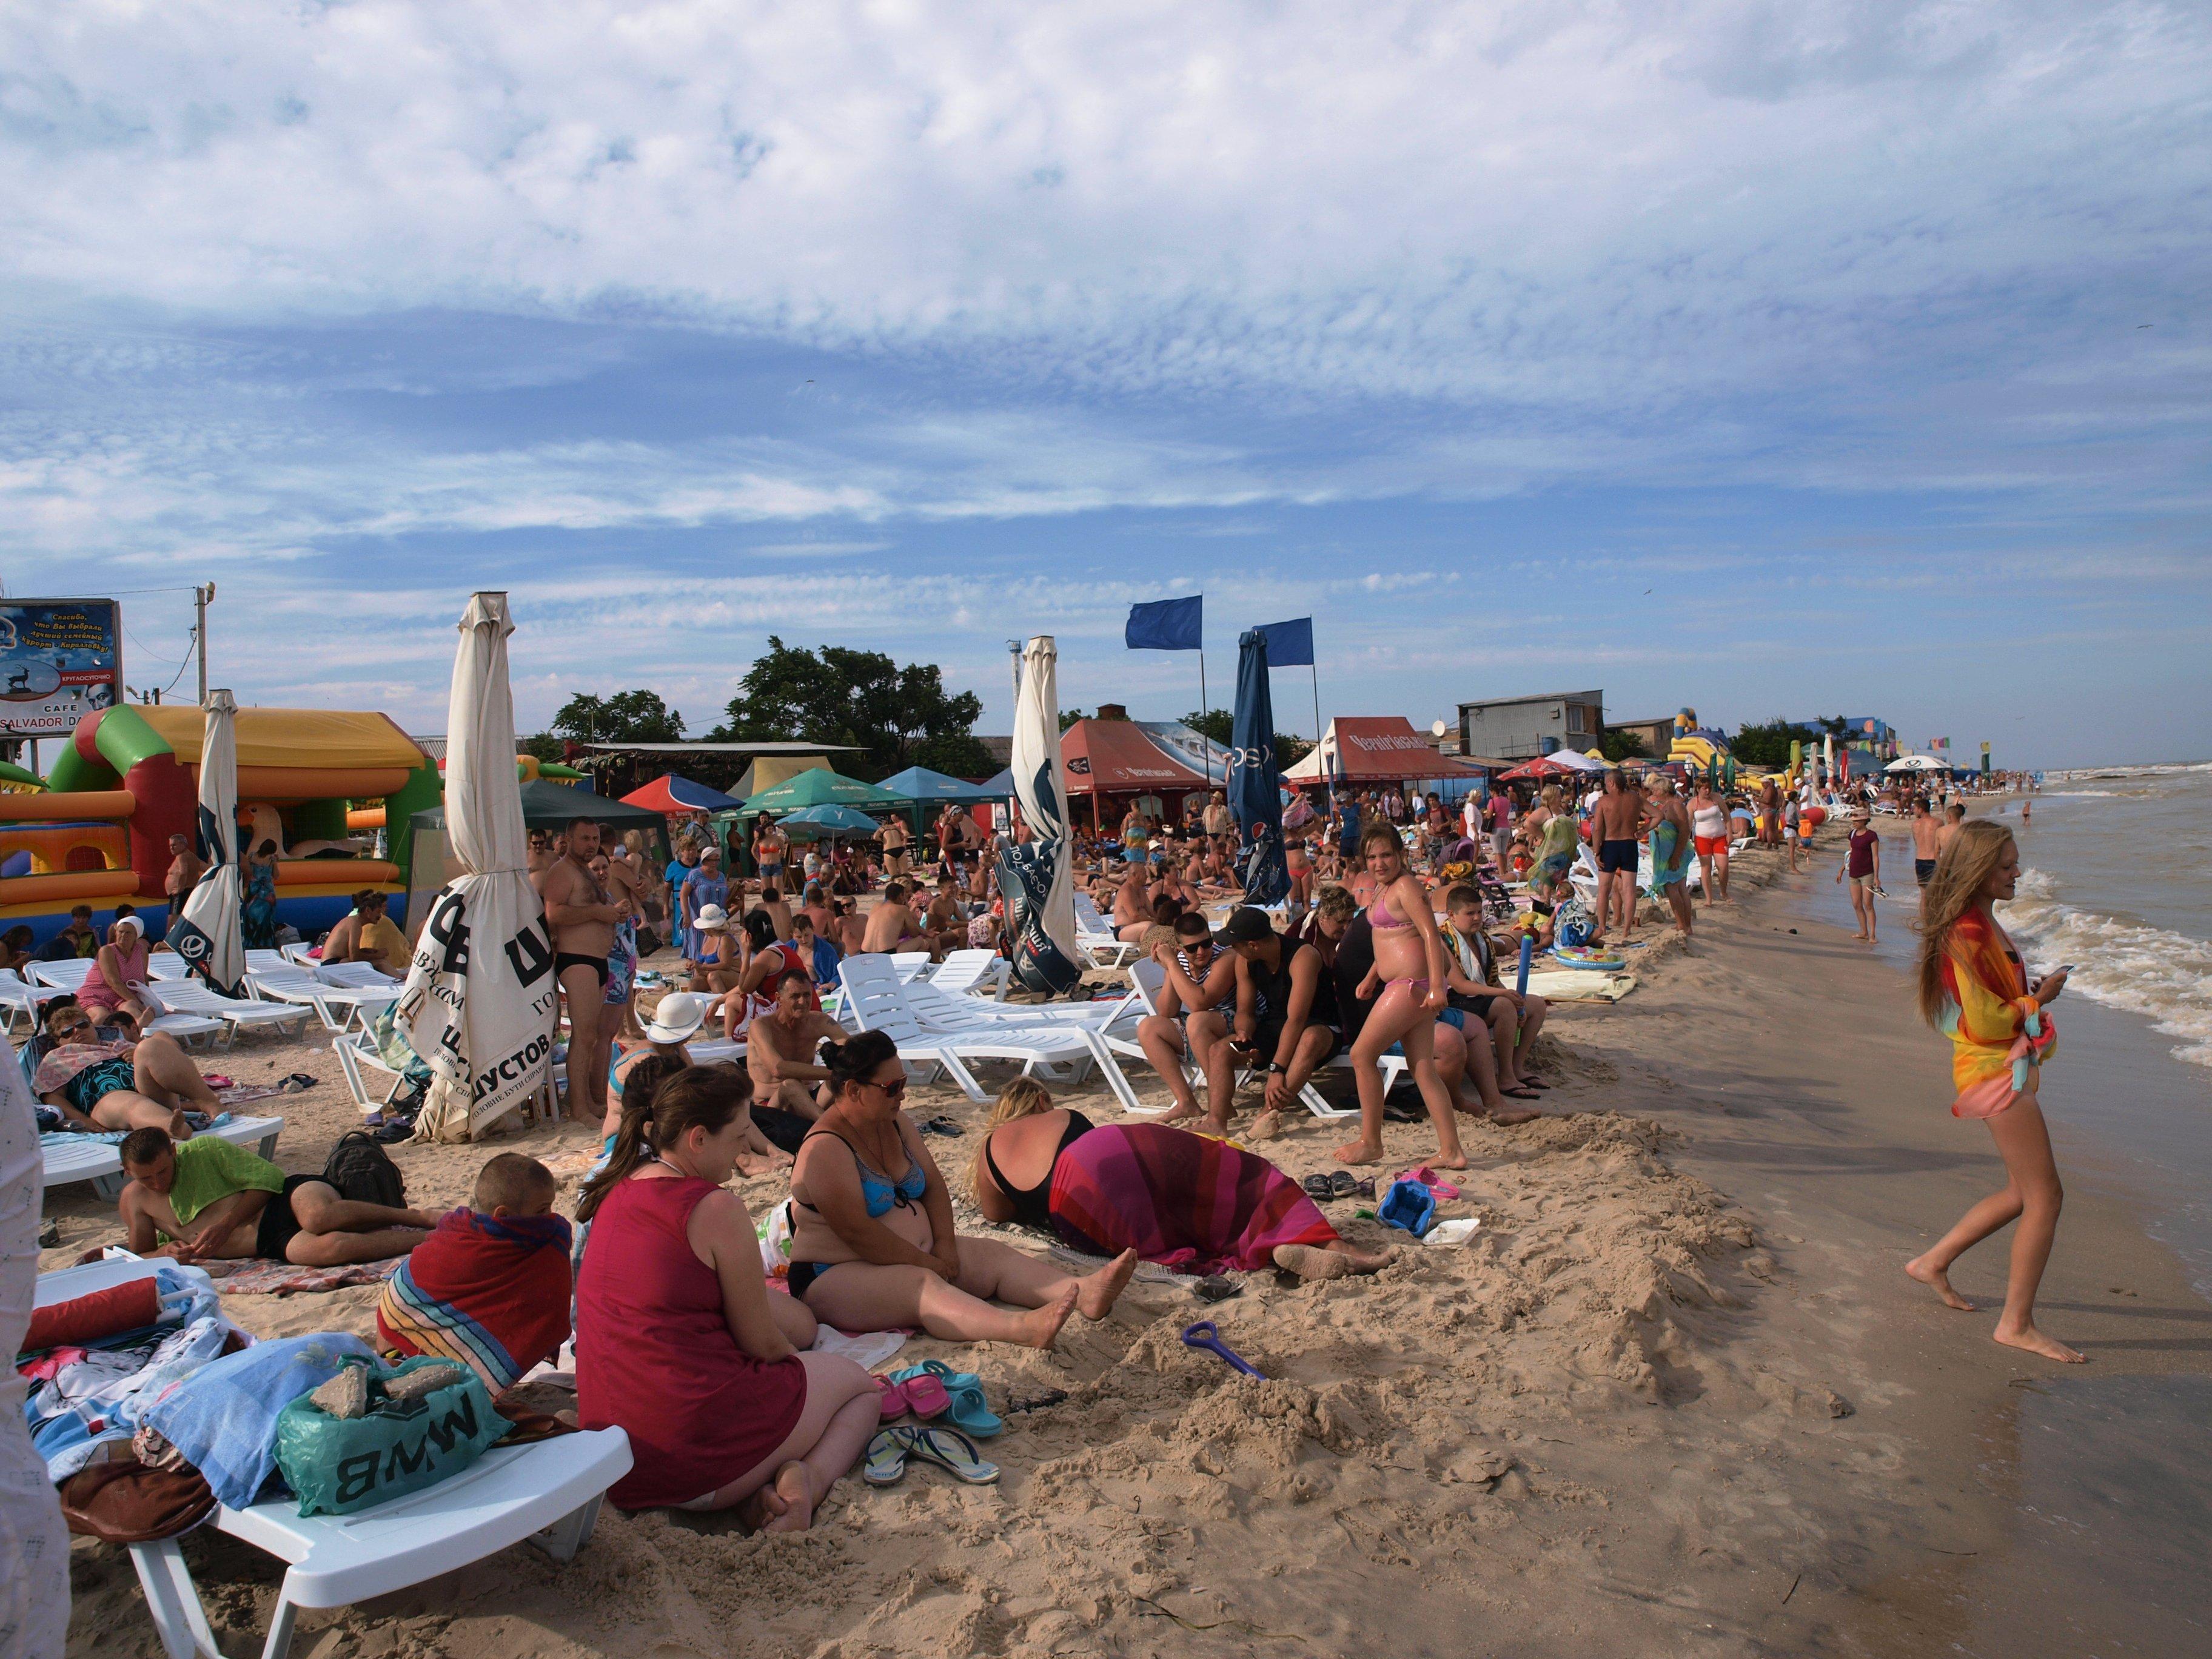 эро фото с краснодарских пляжей